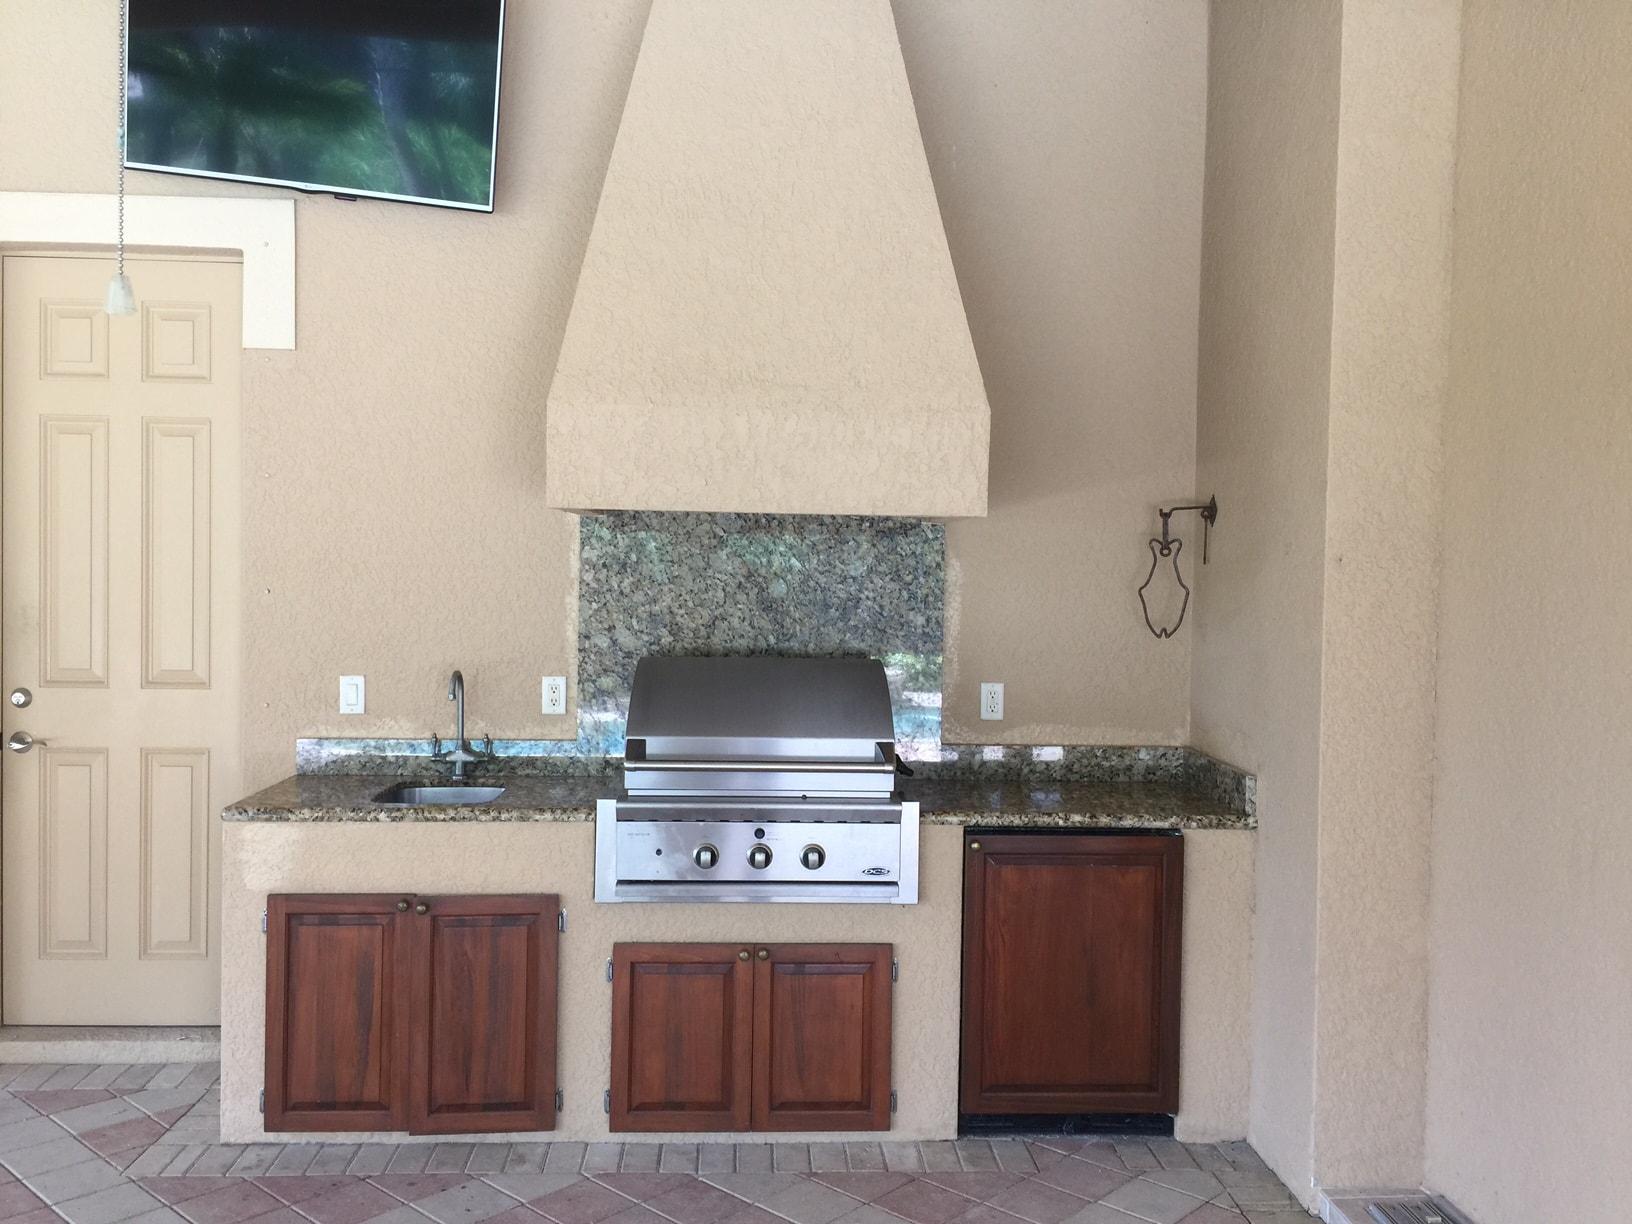 Van-Der-off-white stucco outdoor kitchen